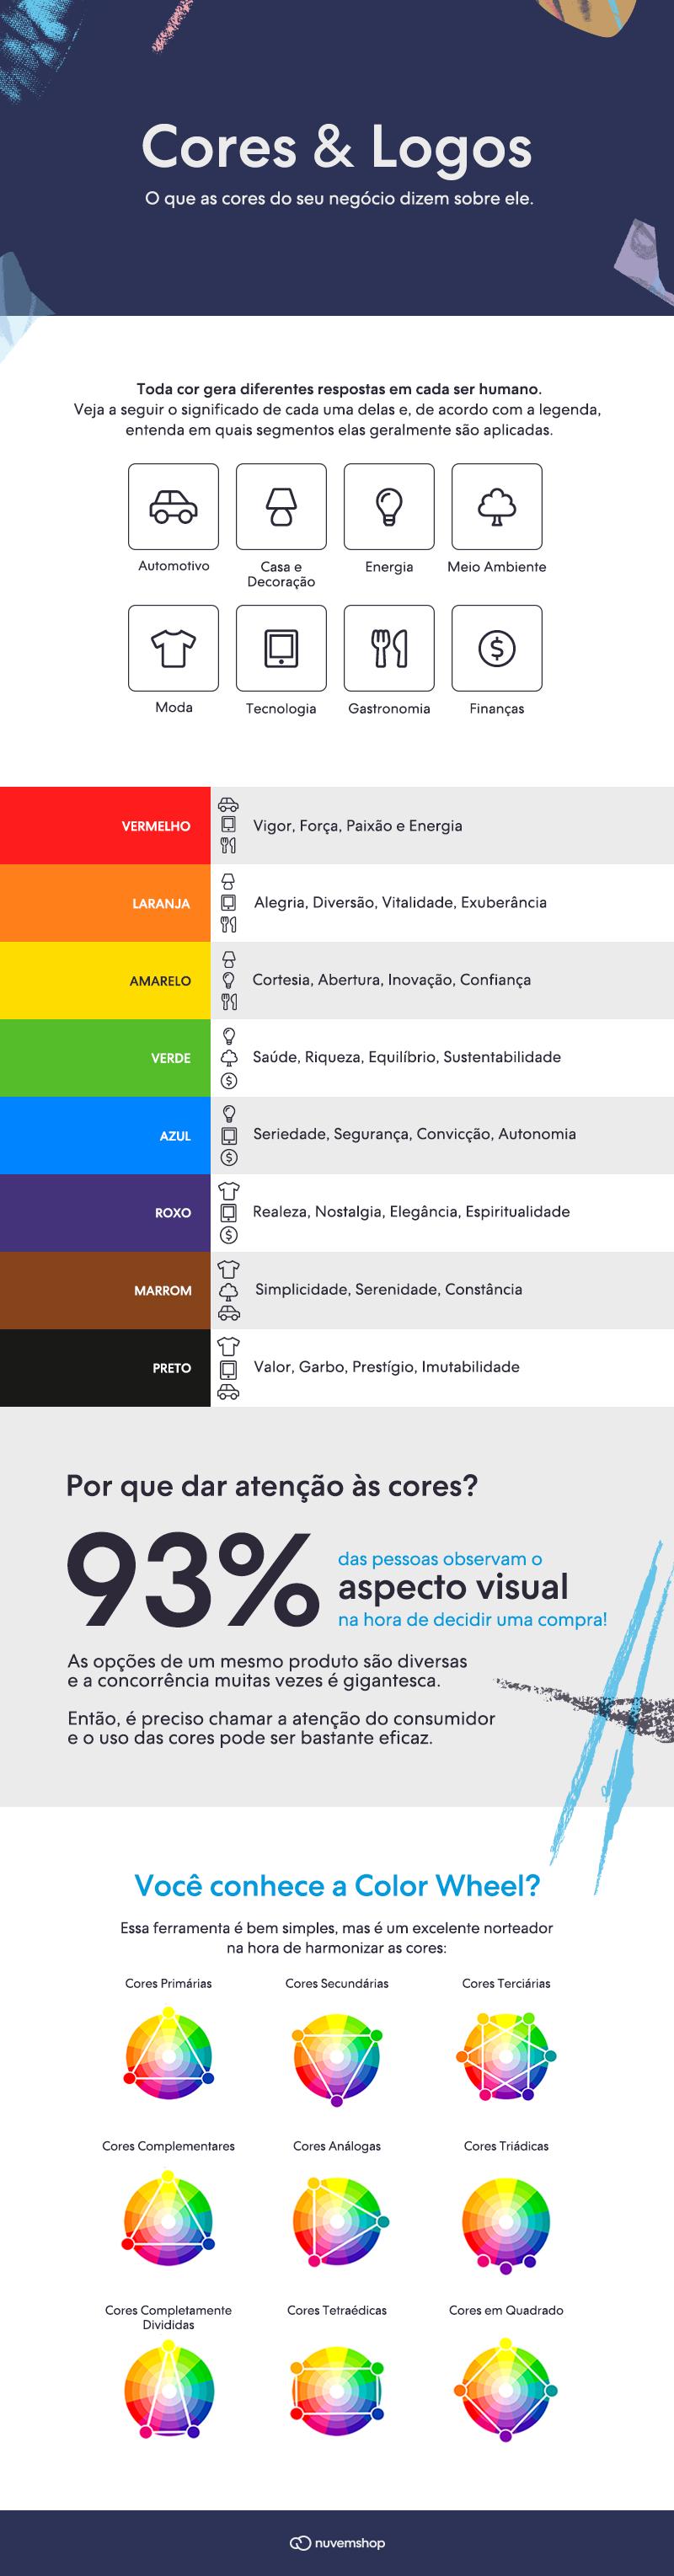 cores e logo de uma marca